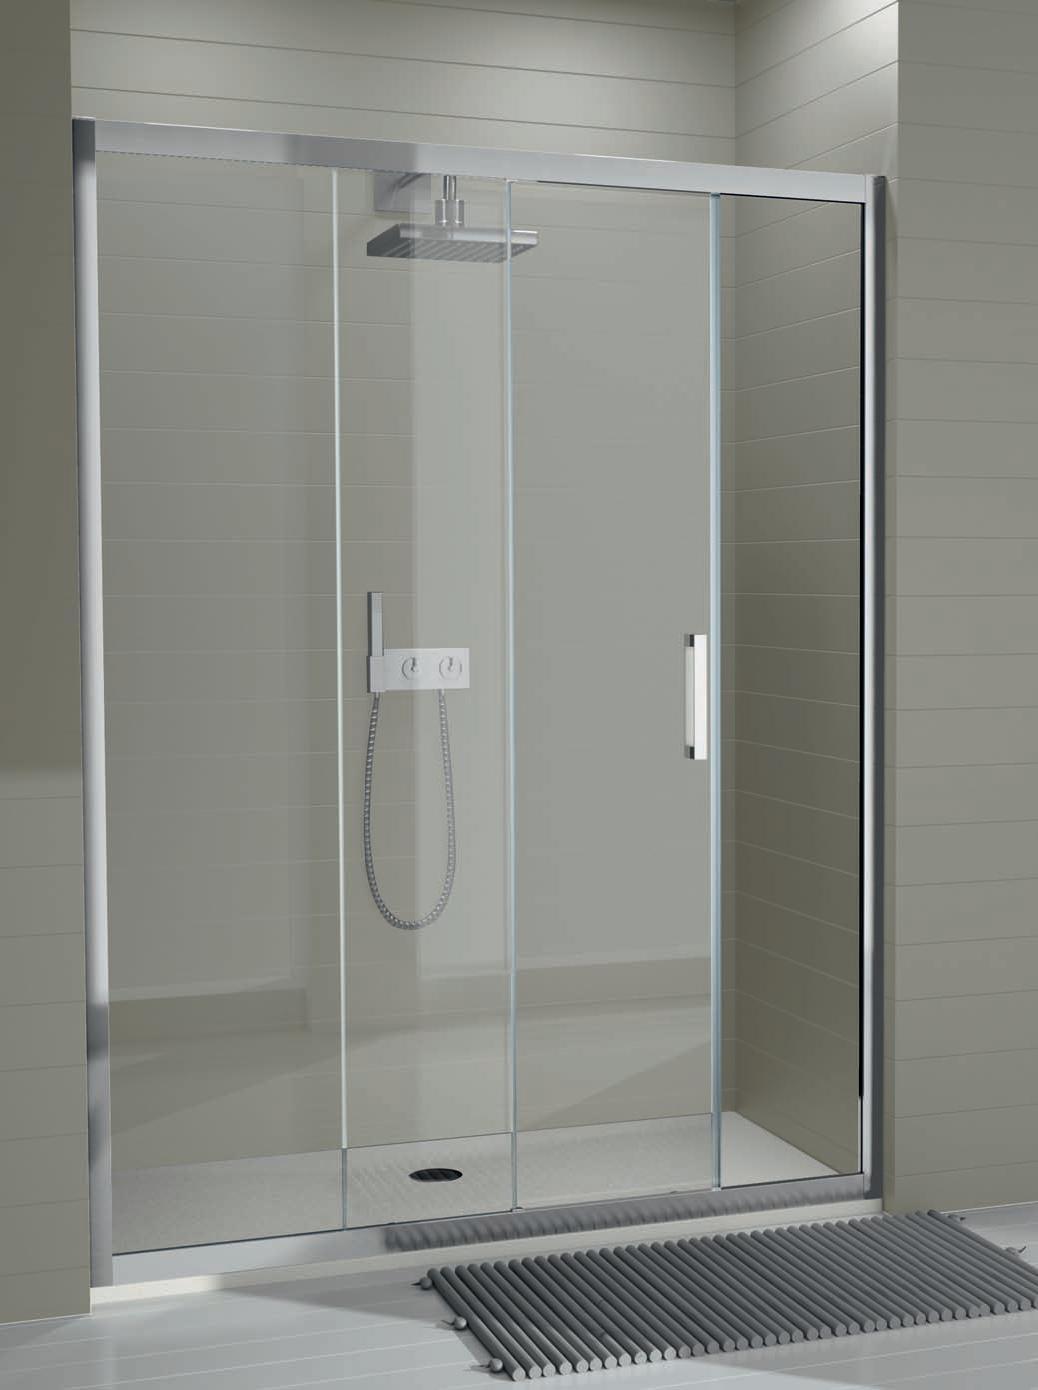 Montaje de mamparas de ducha m p instalaciones platos de ducha antideslizantes en zaragoza - Montaje mampara ducha ...